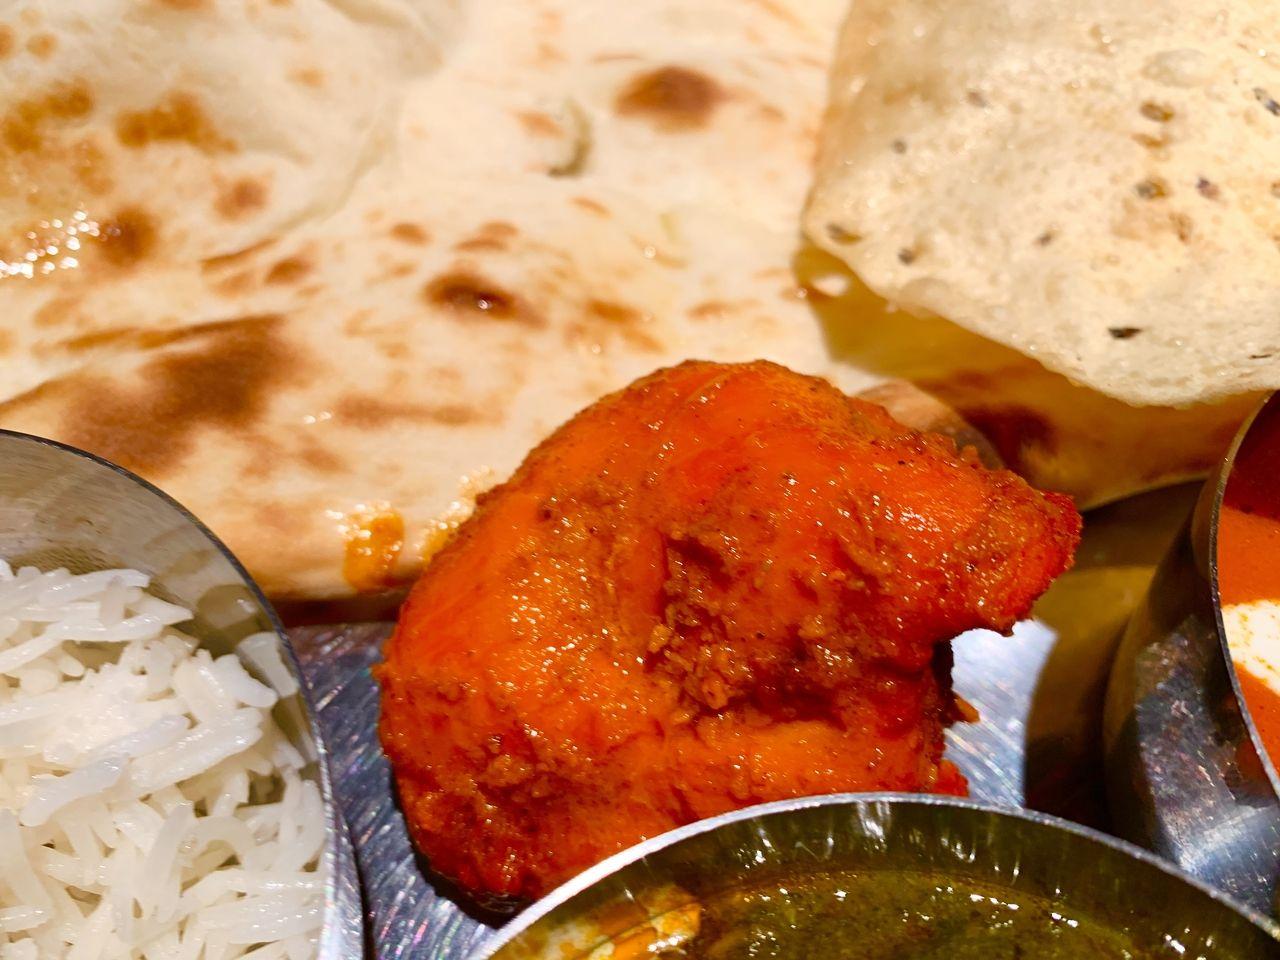 【三郷市食べ歩きブログ】三郷市早稲田1丁目にあるインド料理「インドダバ」さんに行ってきました!